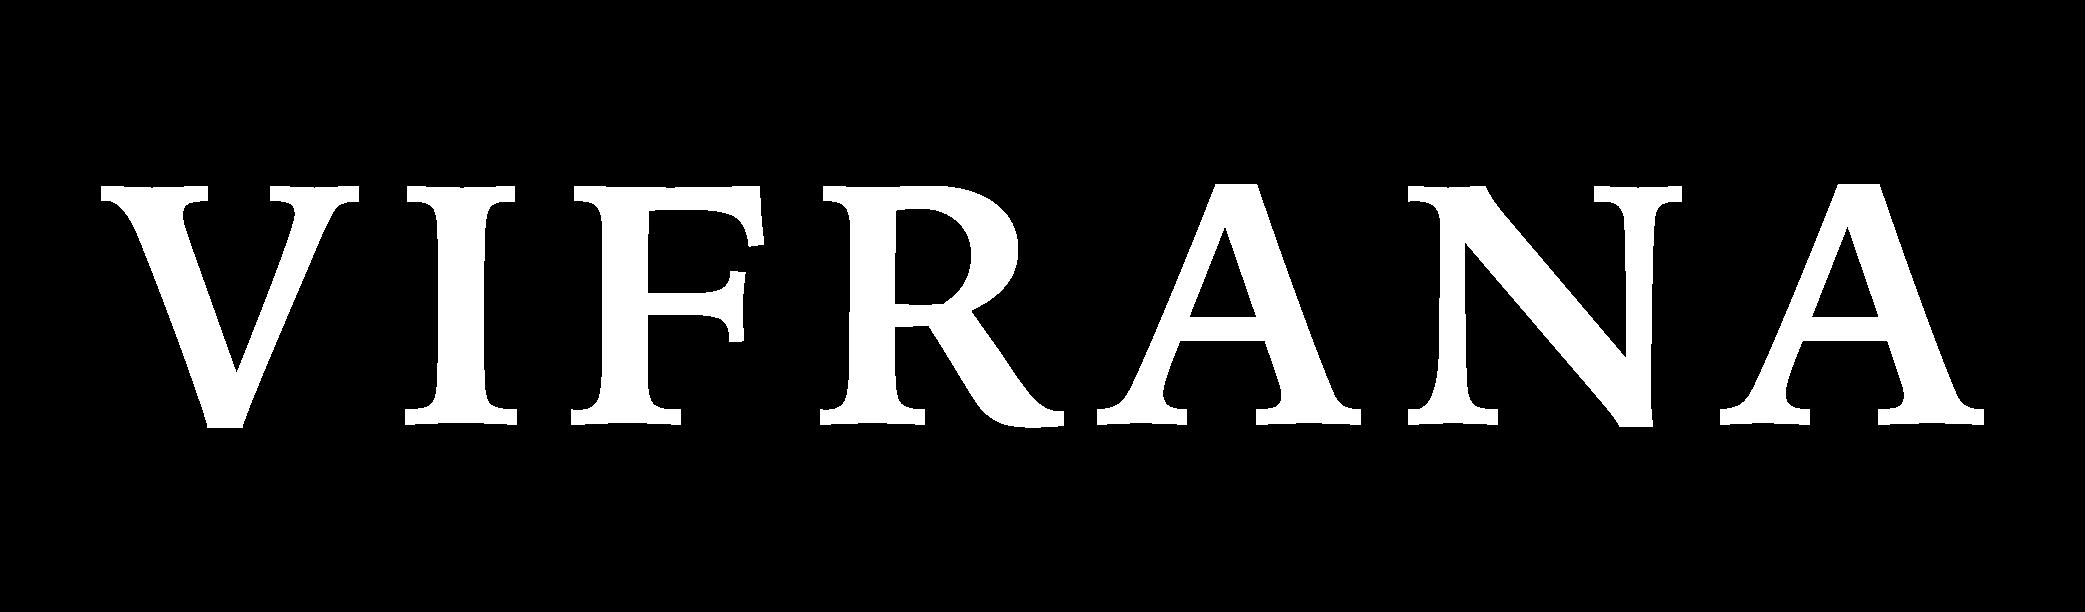 Vifrana- Producător de vin ecologic